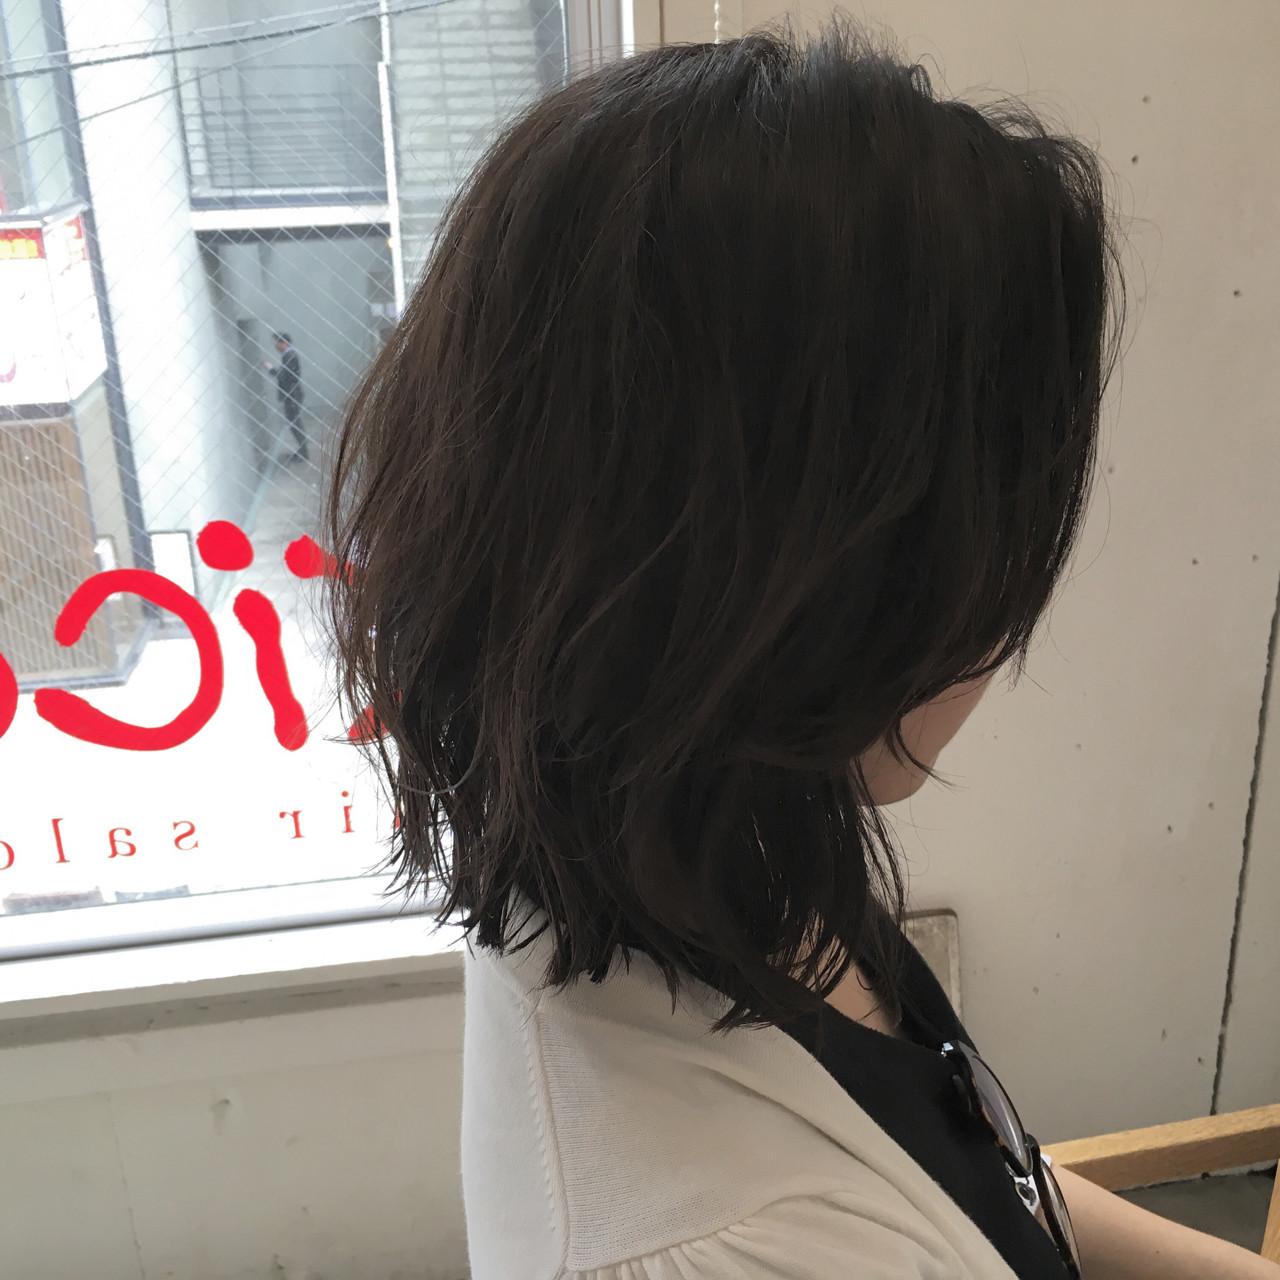 ミディアム ストリート ウルフカット レイヤーカット ヘアスタイルや髪型の写真・画像